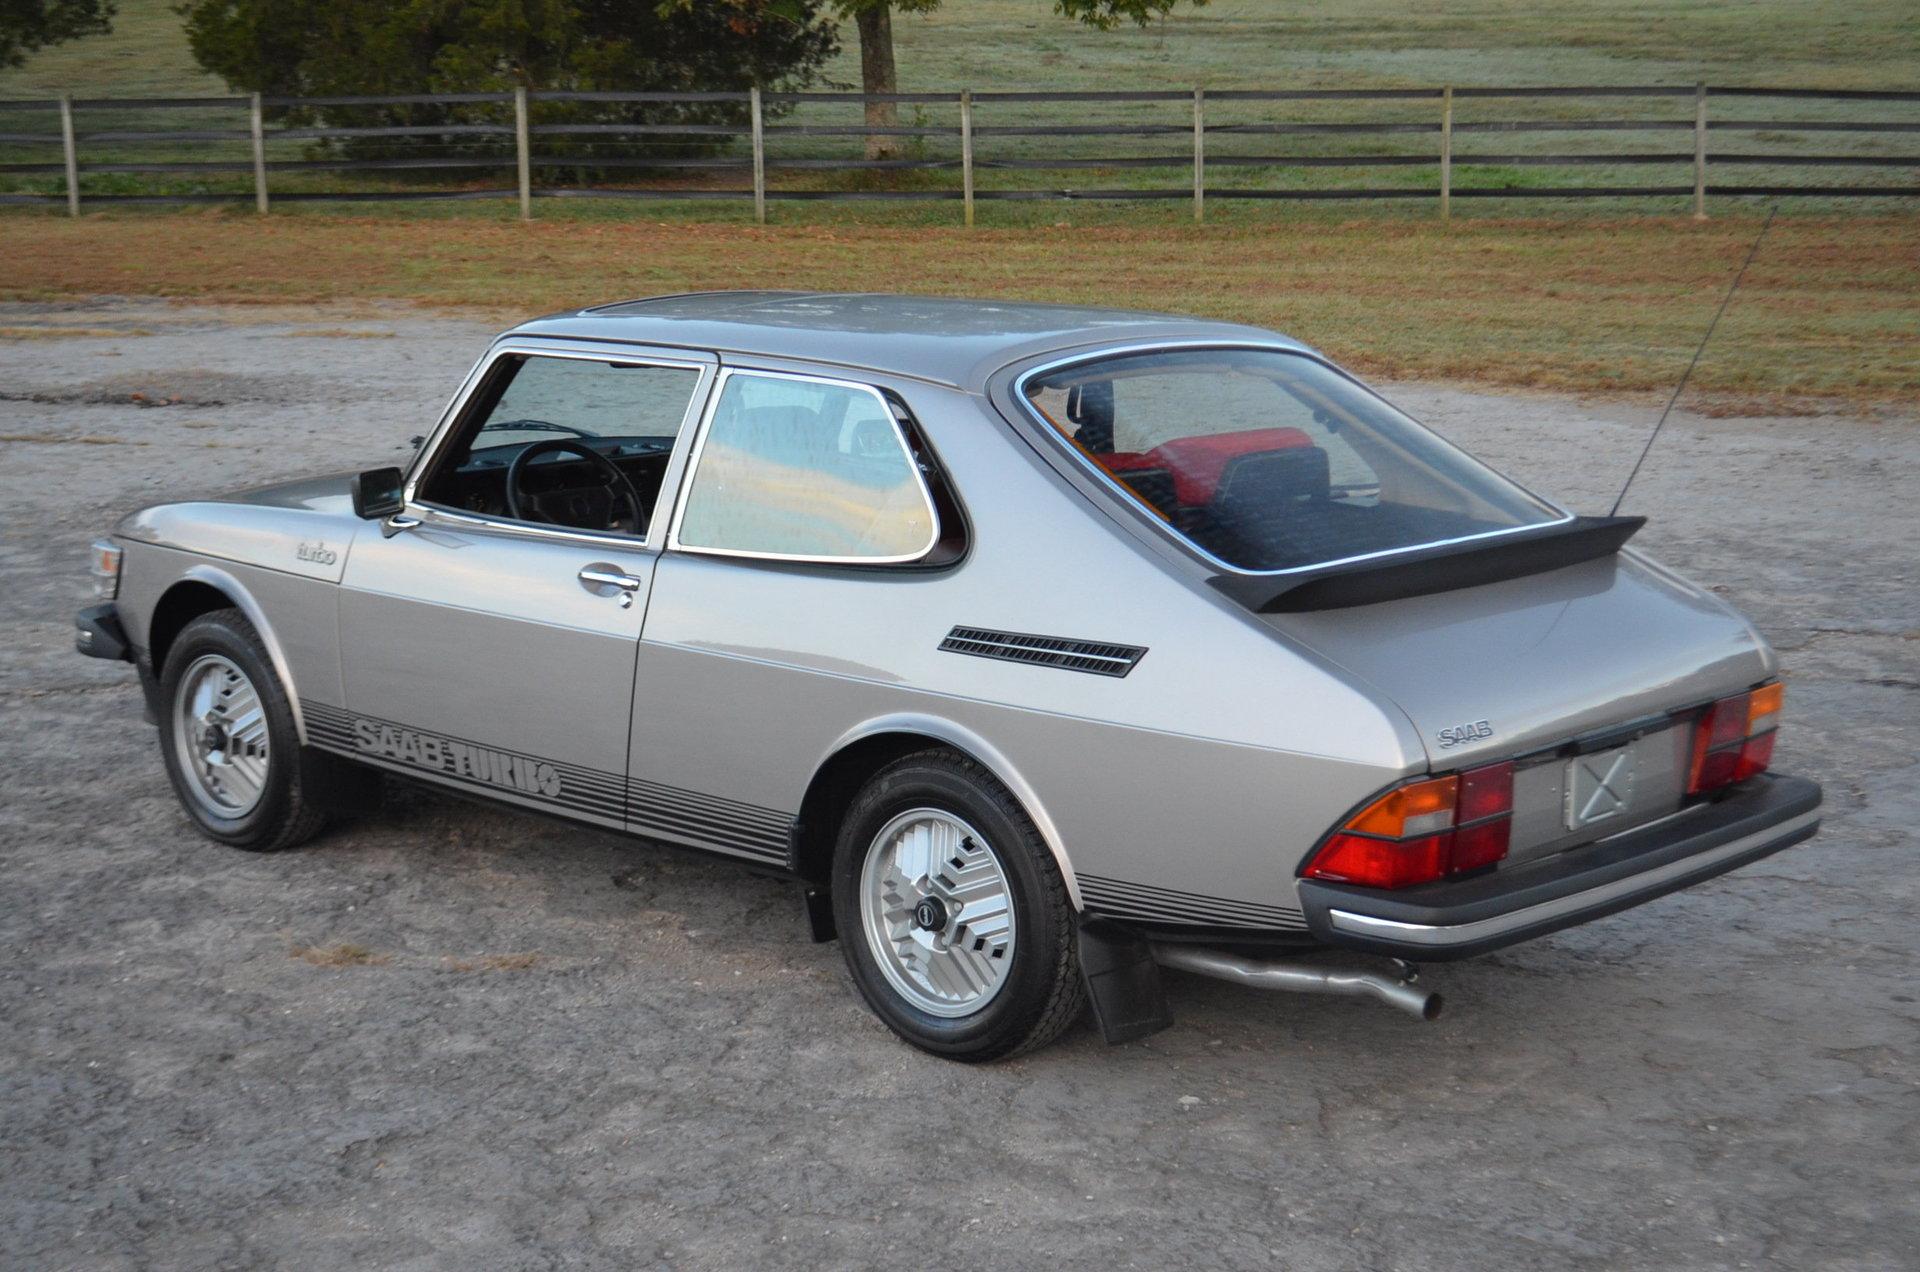 1978 saab 99 turbo frazier motorcar company 1978 saab 99 turbo publicscrutiny Choice Image